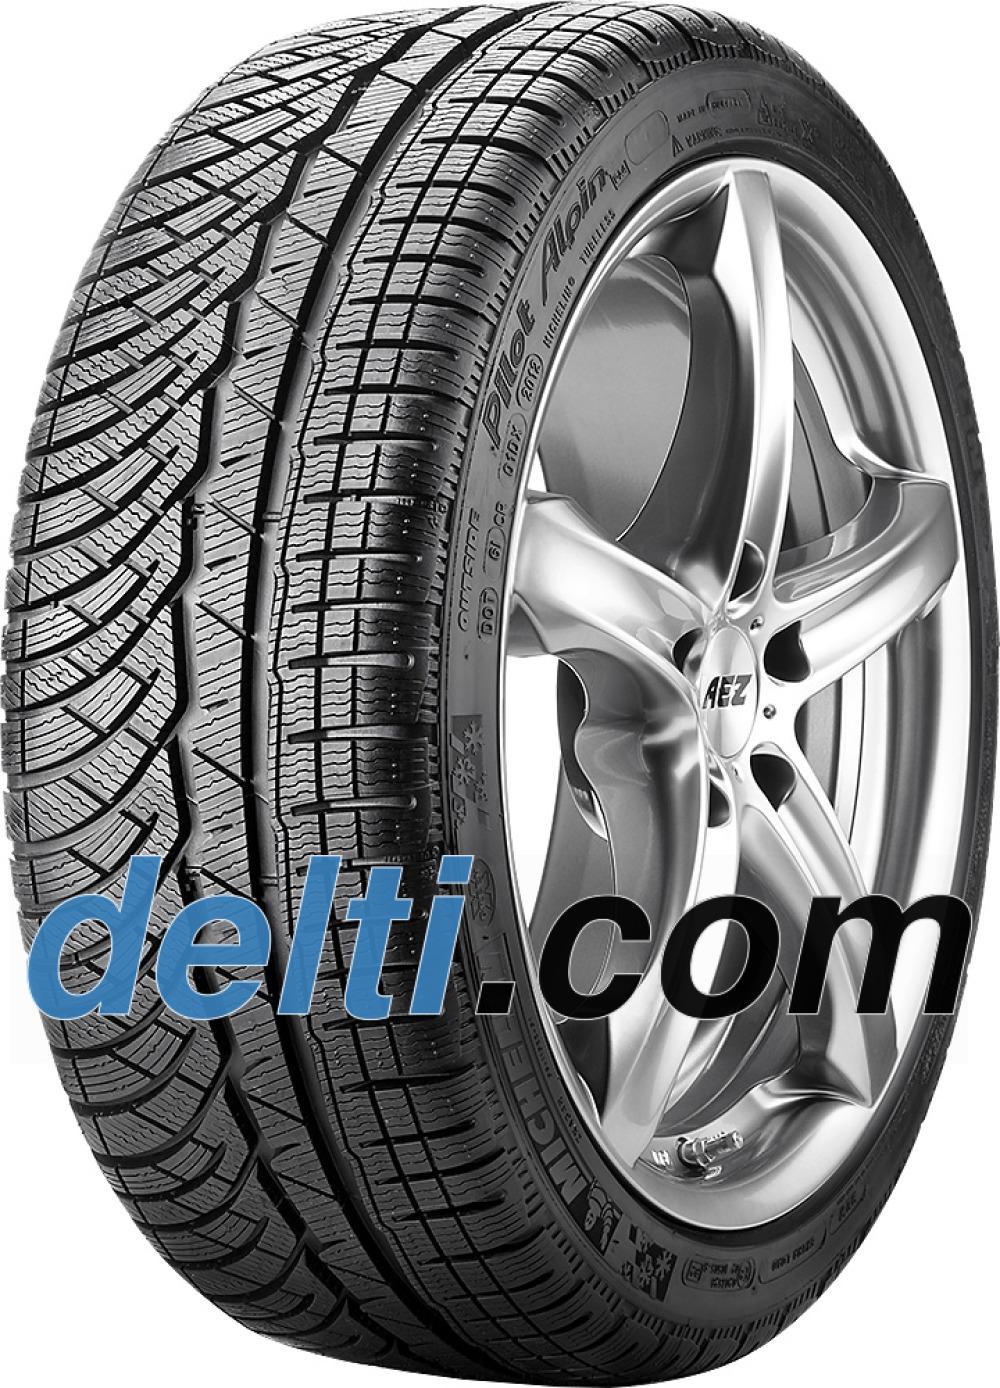 Michelin Pilot Alpin PA4 ( 285/30 R19 98W XL , con cordón de protección de llanta (FSL) )